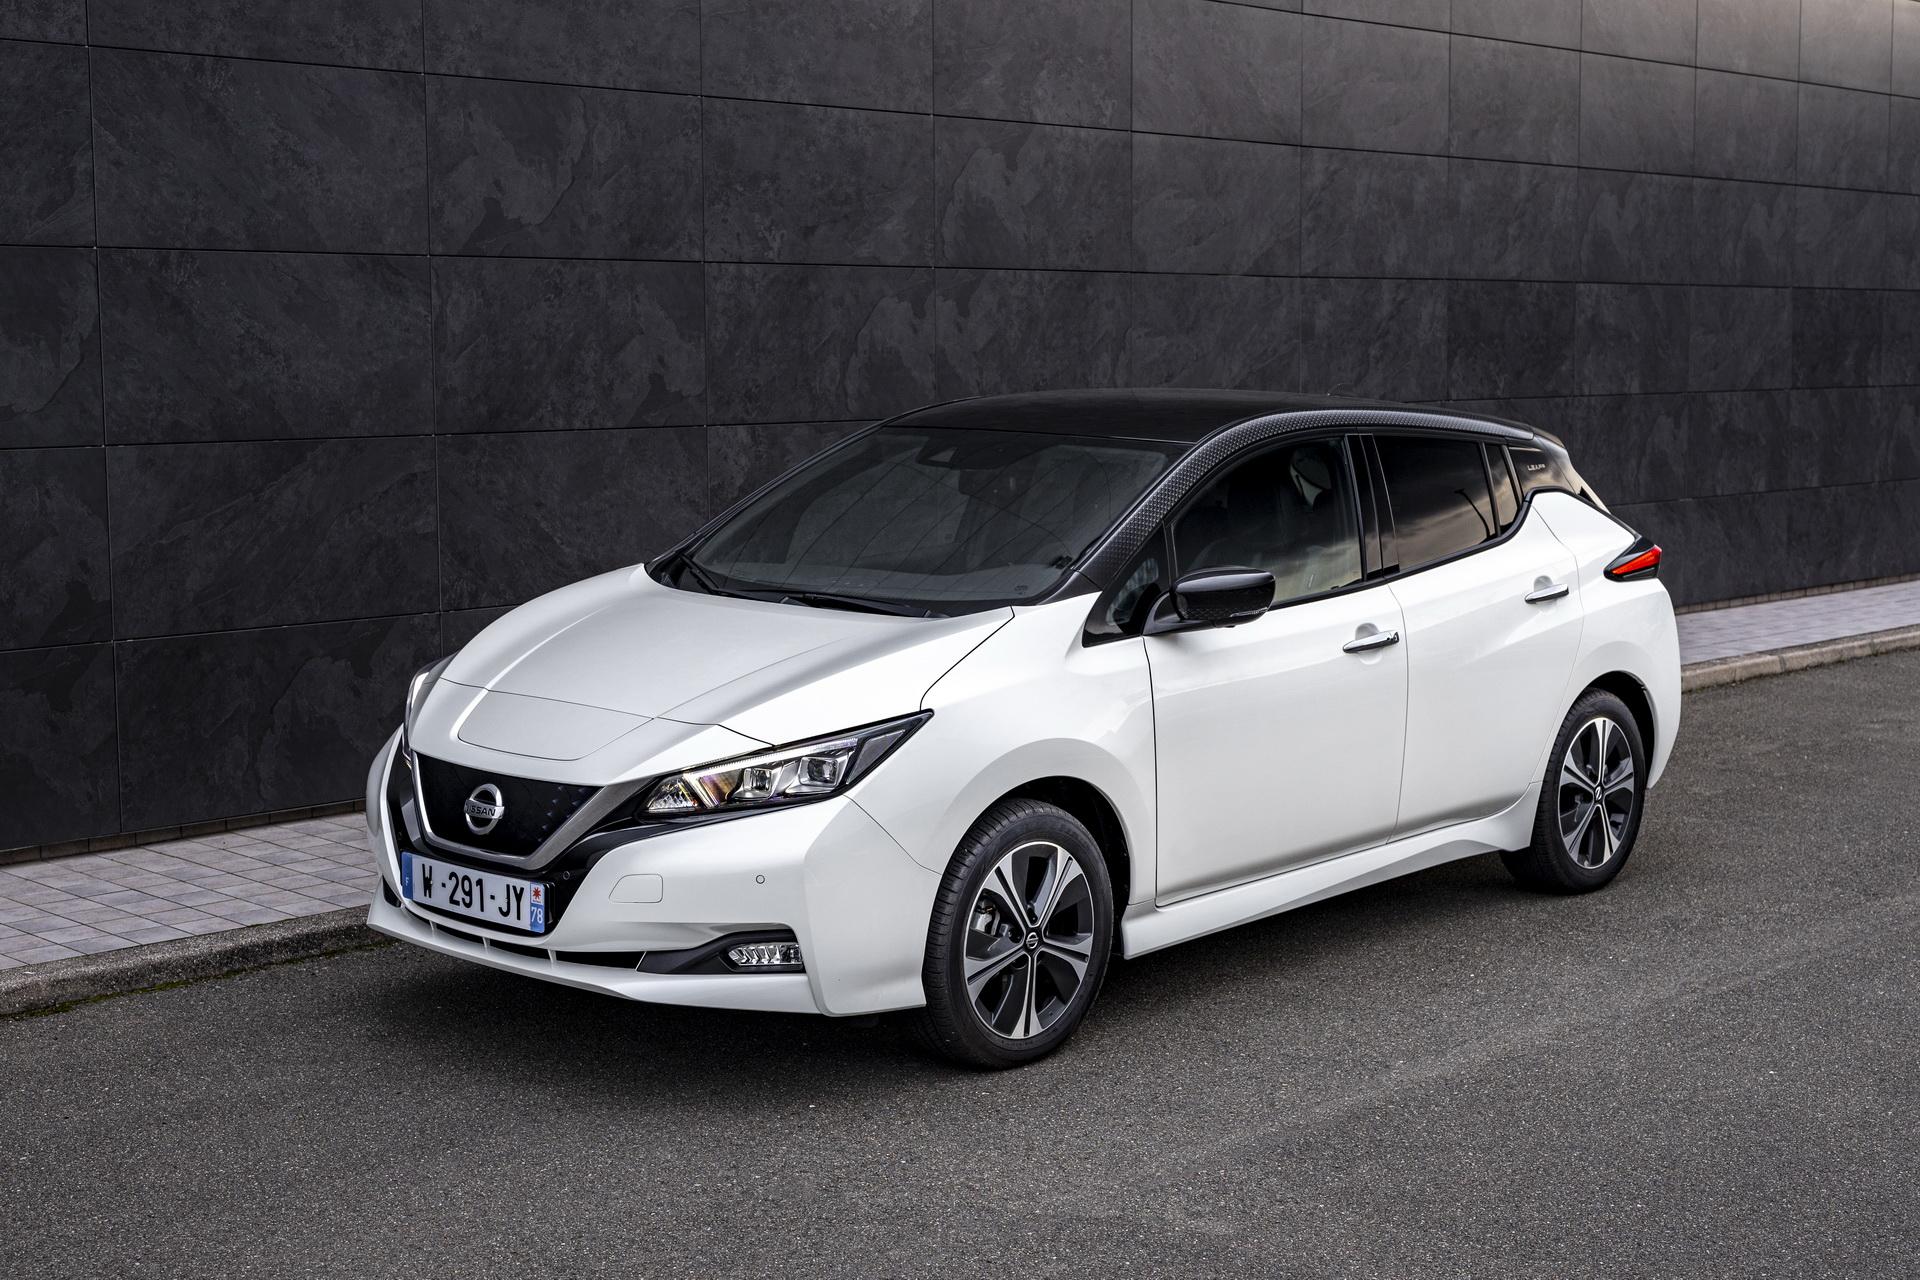 В Украине начались официальные продажи электромобиля Nissan Leaf: цена и комплектации